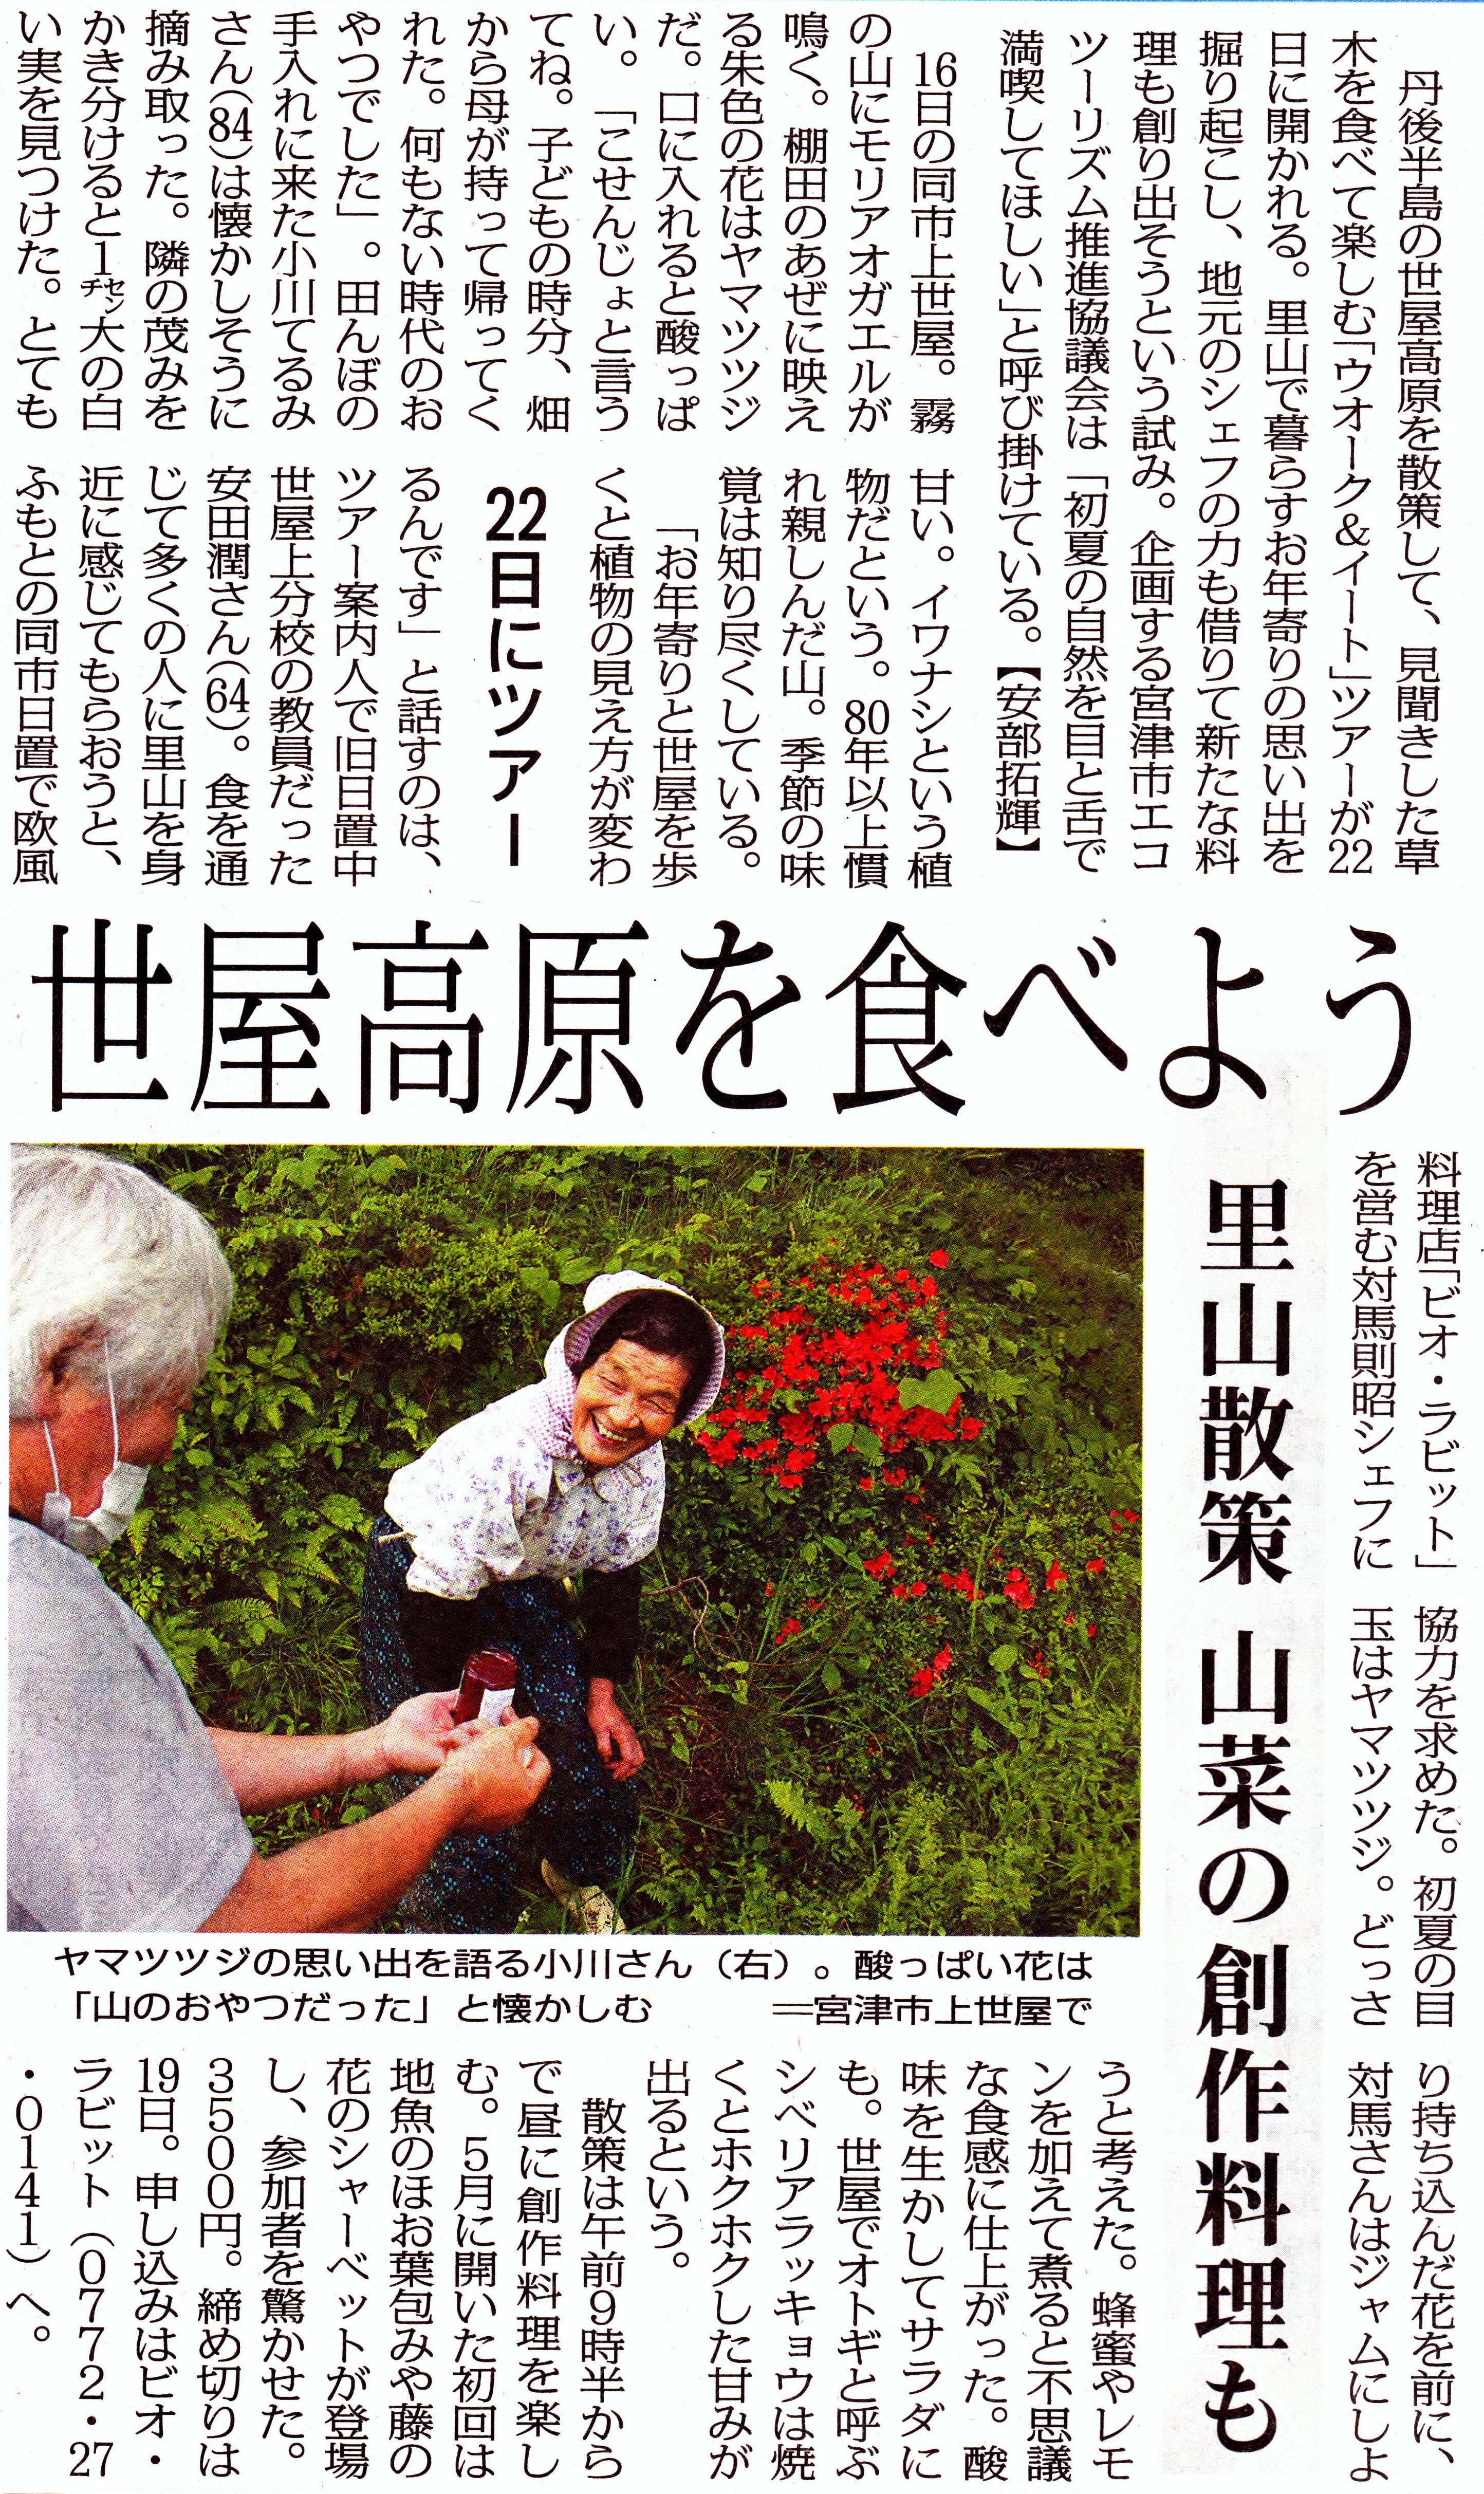 250618毎日新聞記事・世屋高原を食べよう